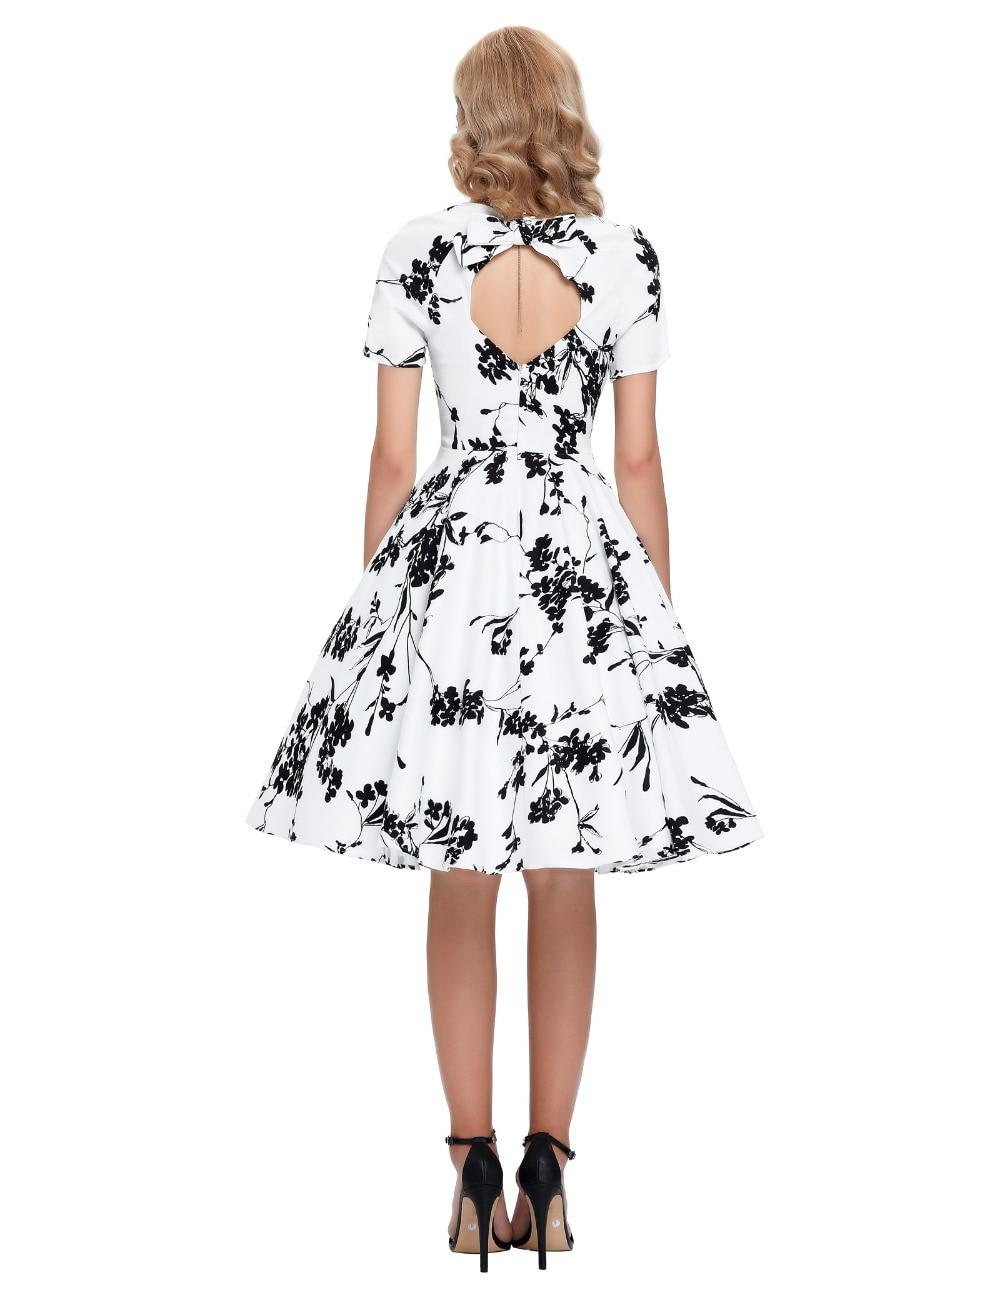 De Casual 2016 Swing Pas 50 4 Femmes Manches 3 Court Vintage 1 up Femininos Pin Taille 2 Grande S D'été 60 Robe Nouveau Rétro Robes Cher OwTqIn0Ev